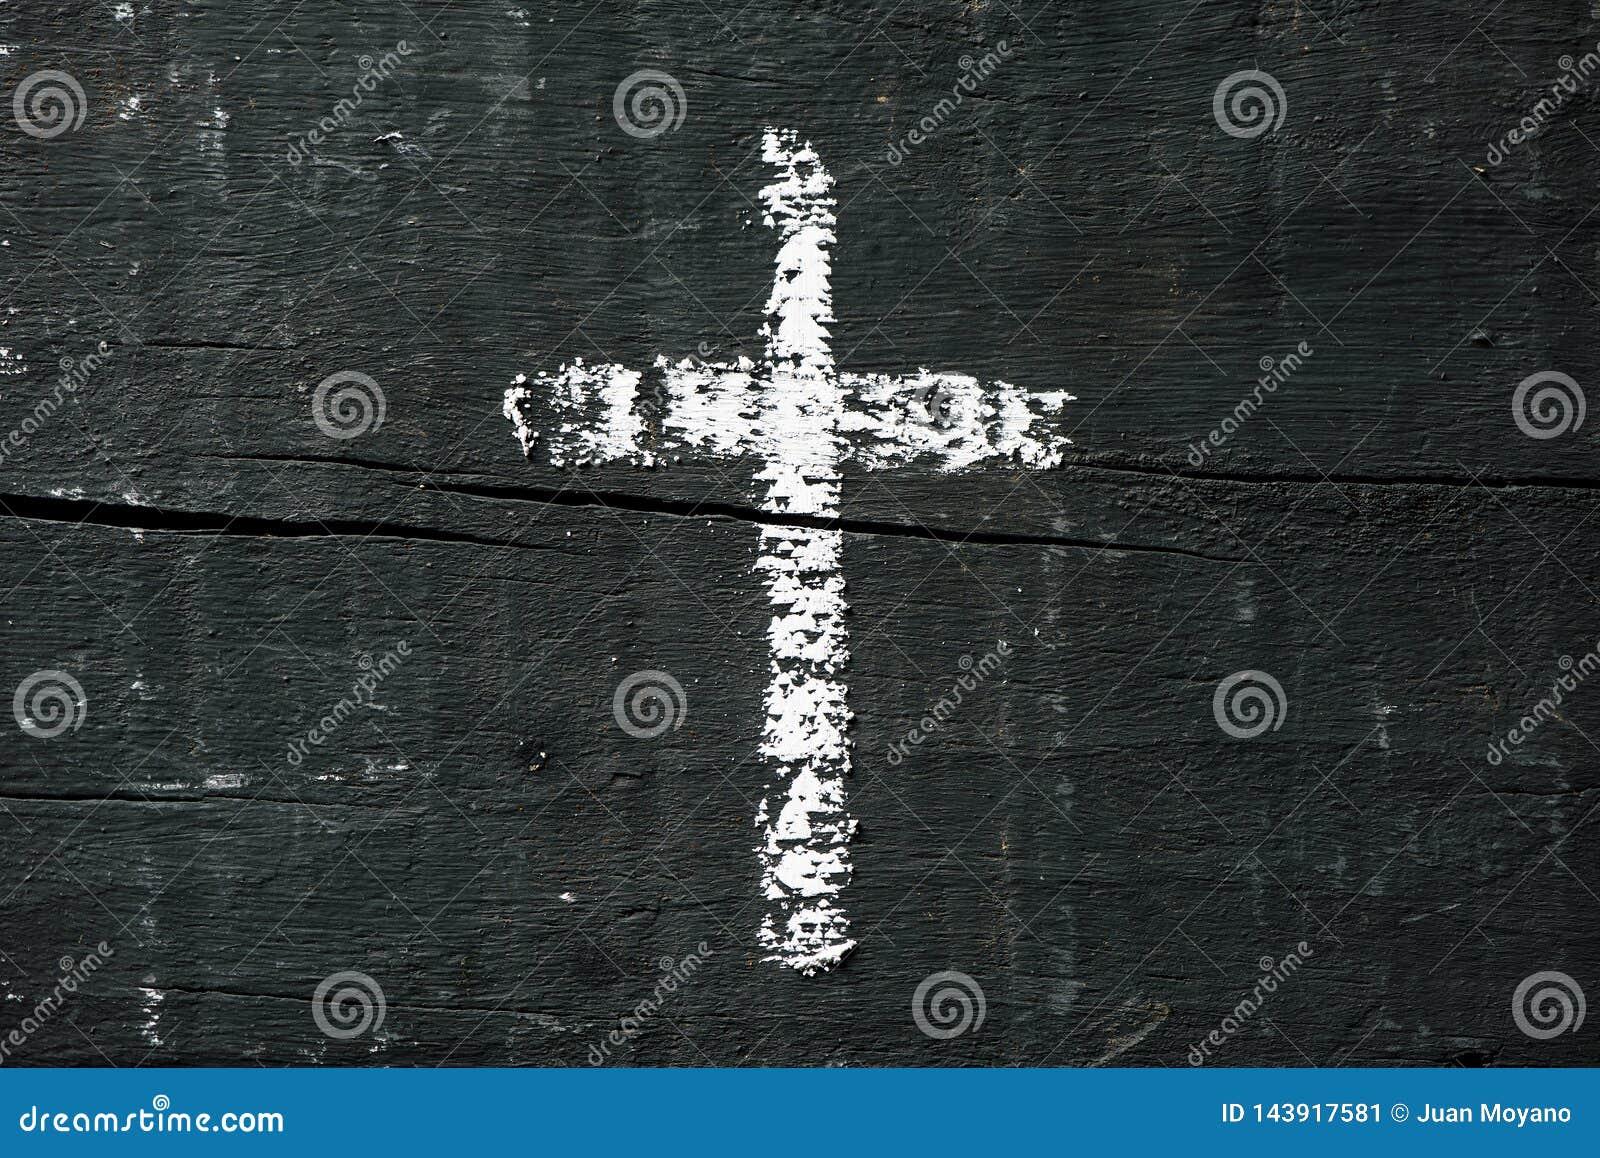 Chrześcijanina krzyż na zmroku - szara drewniana powierzchnia